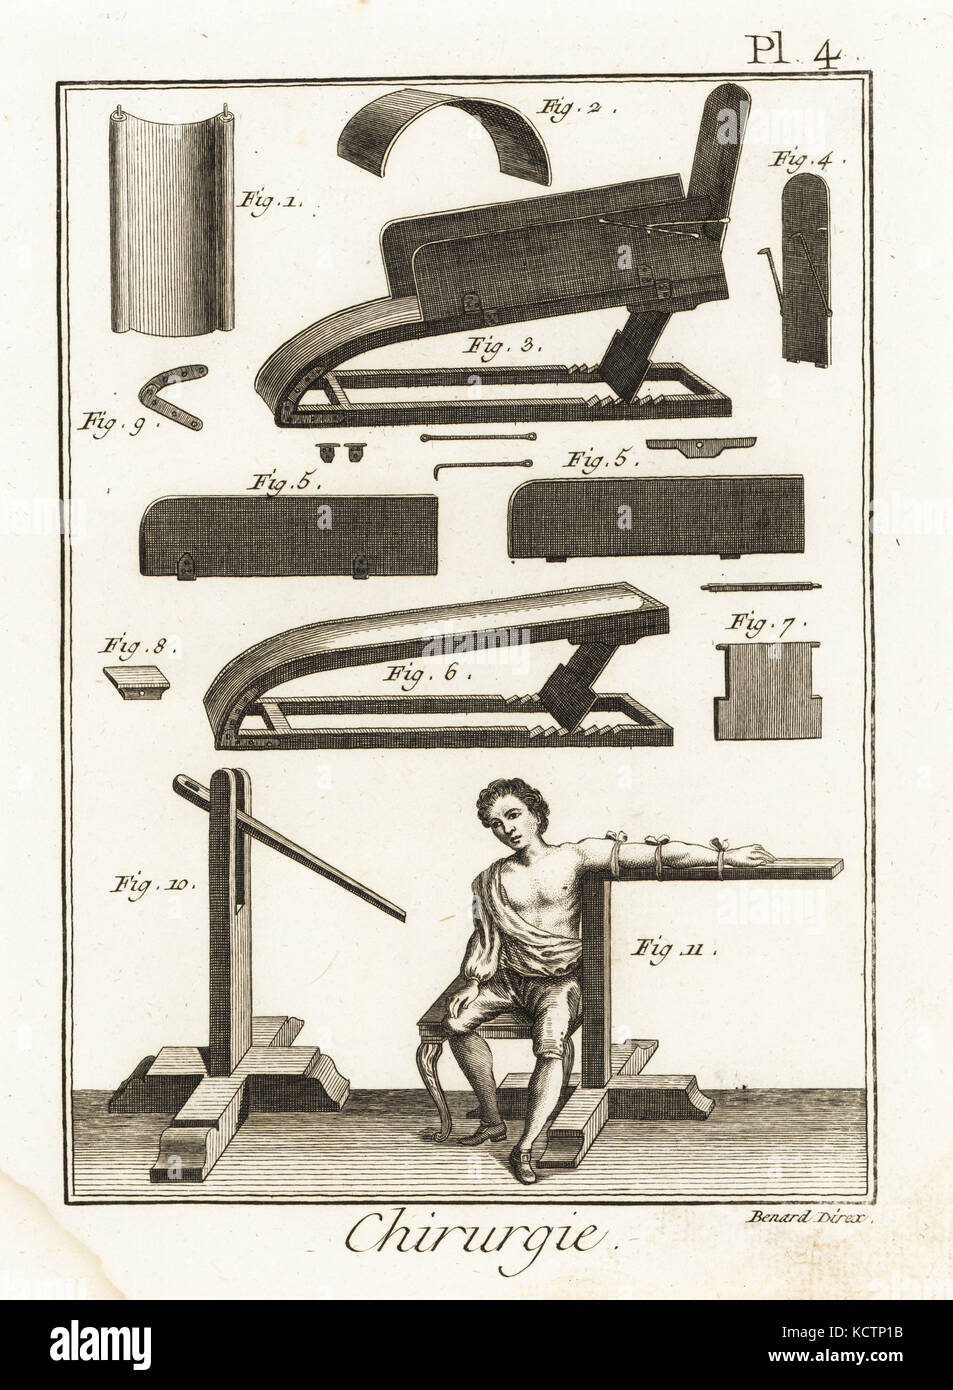 Le matériel chirurgical y compris une machine complexe pour les fractures  des os 3-9 a49e847b1c7